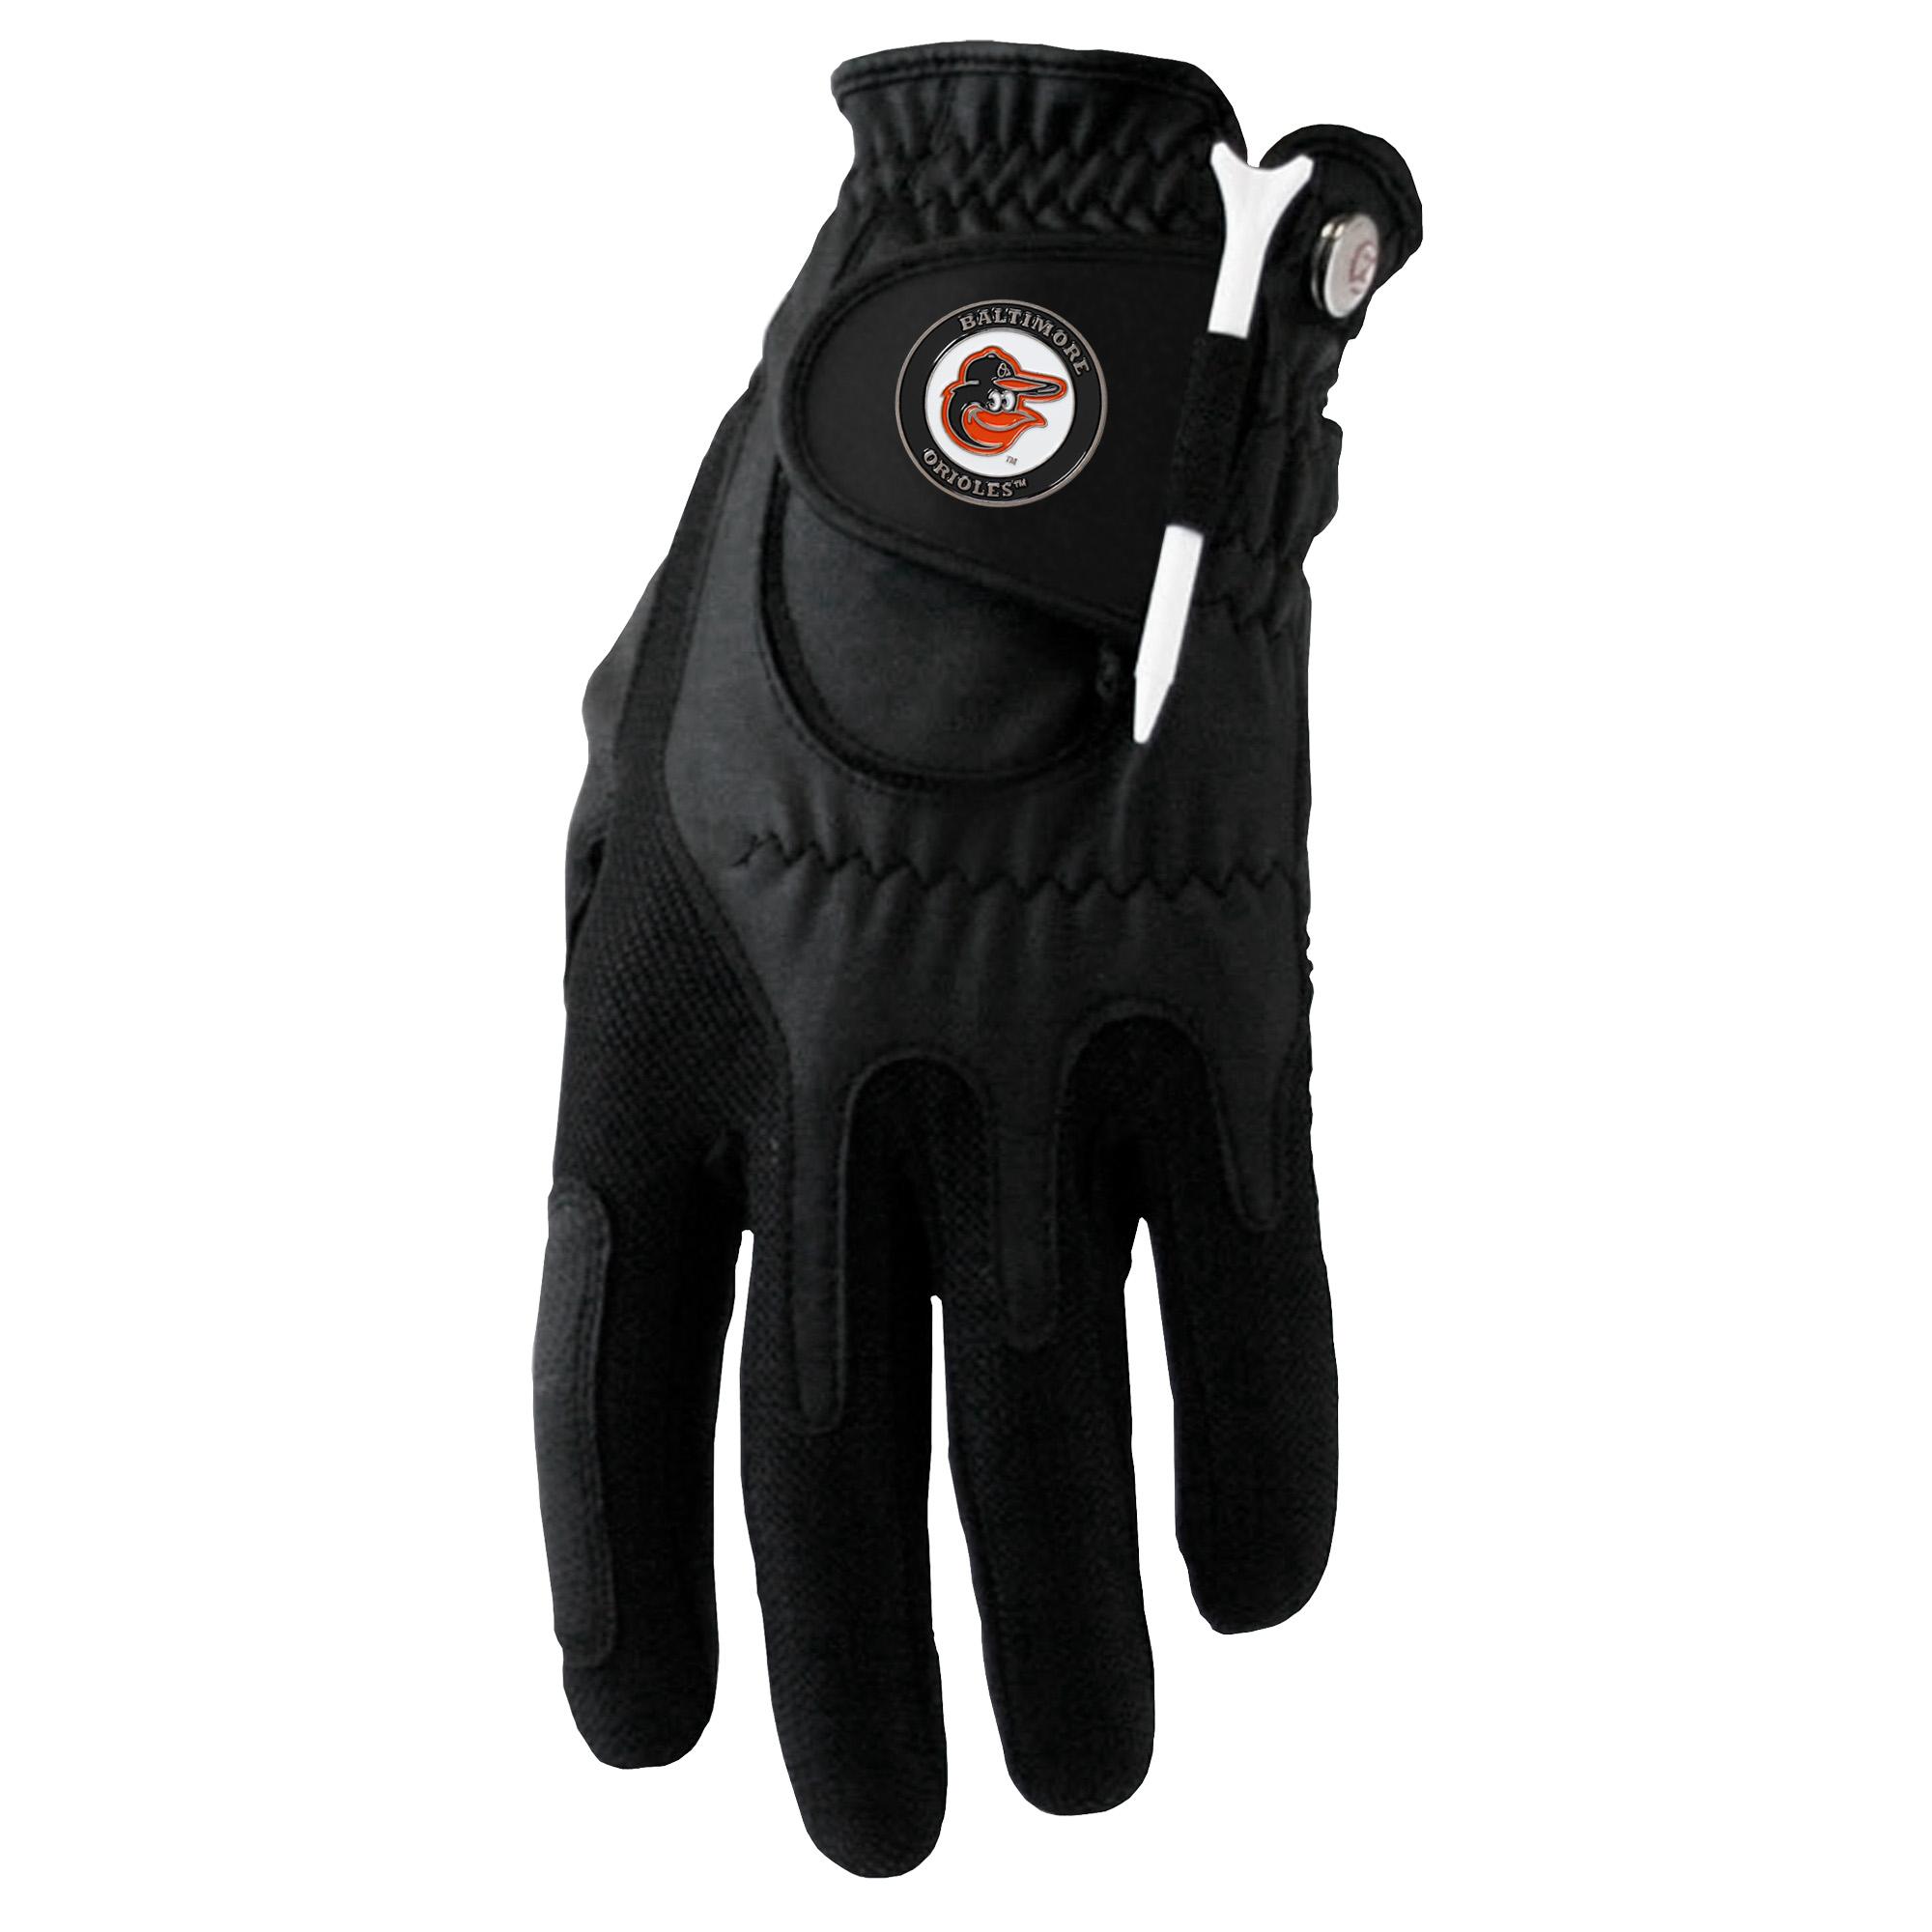 Baltimore Orioles Left Hand Golf Glove & Ball Marker Set - Black - OSFM